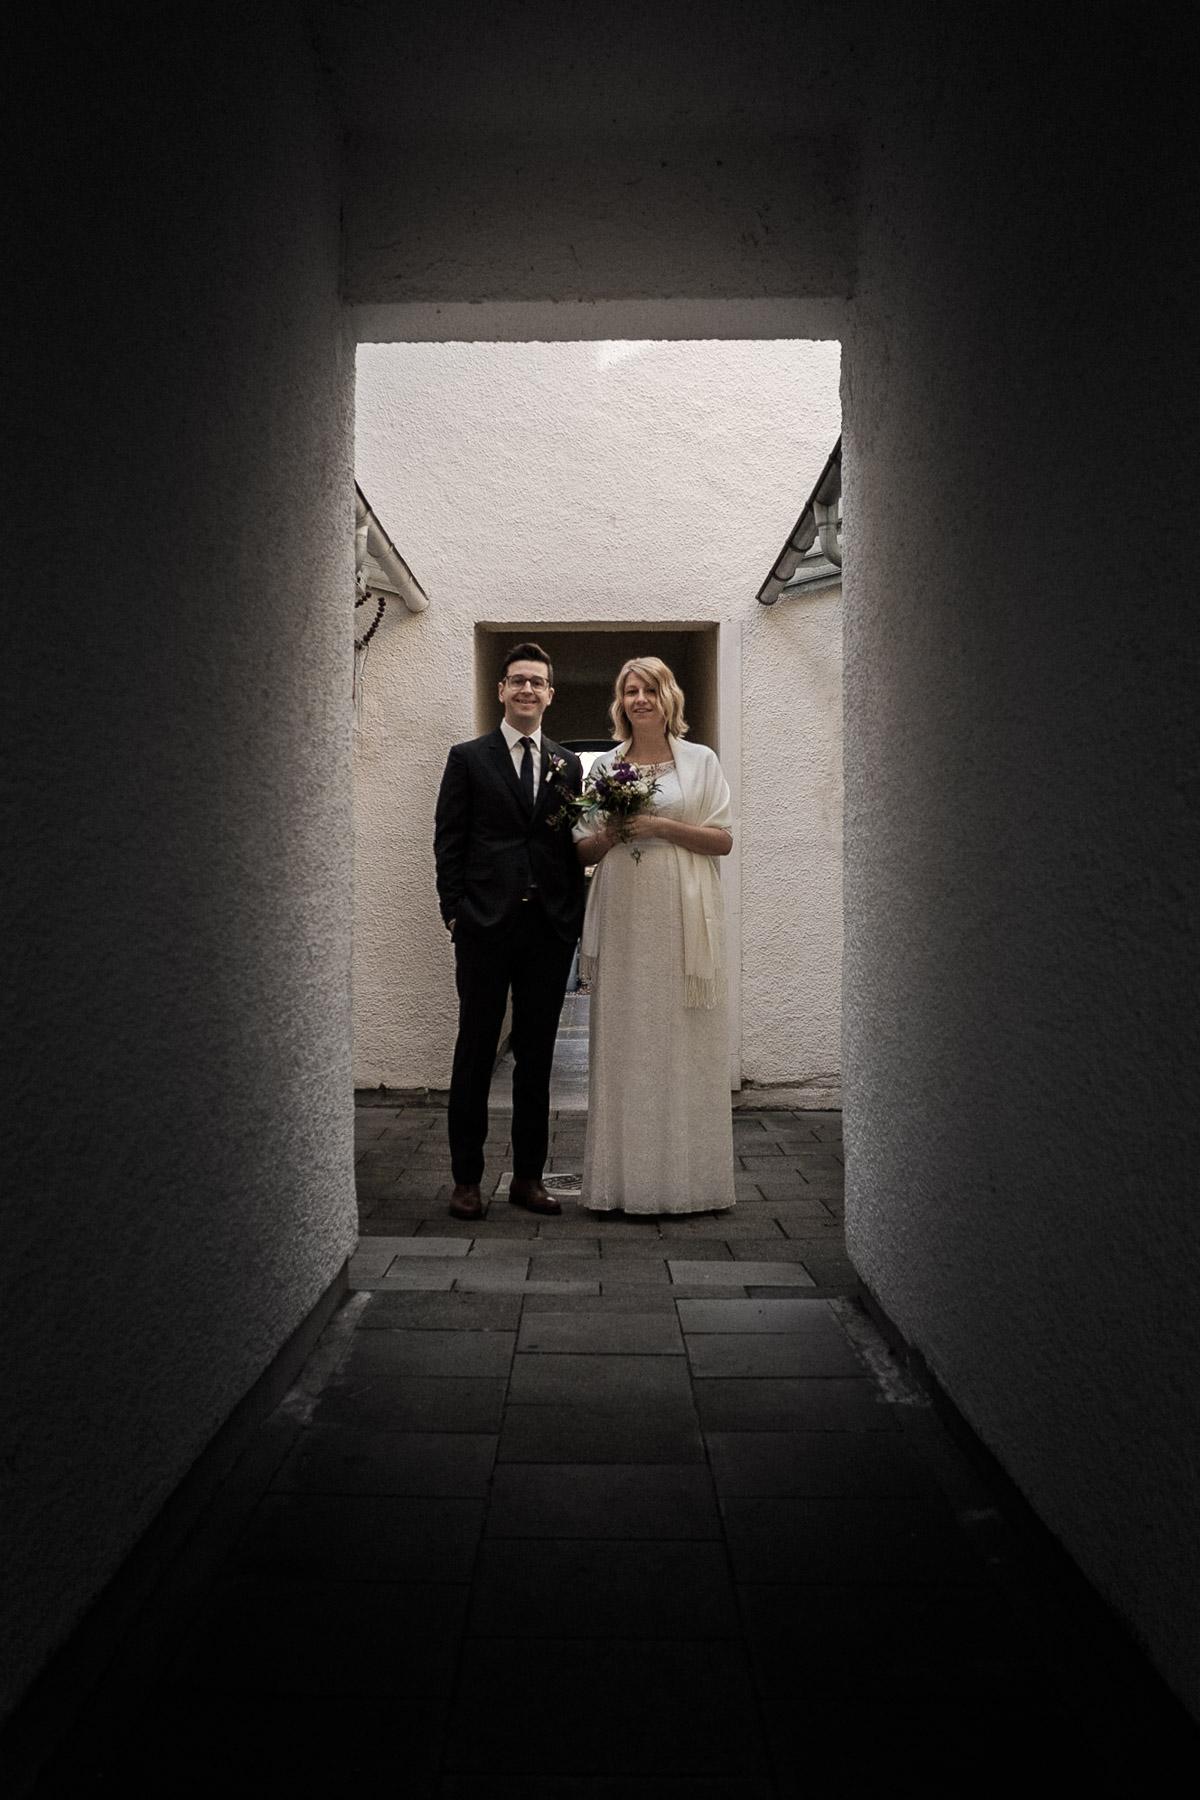 MartinLiebl_Hochzeitsfotograf_KCL_Blog_12.jpg